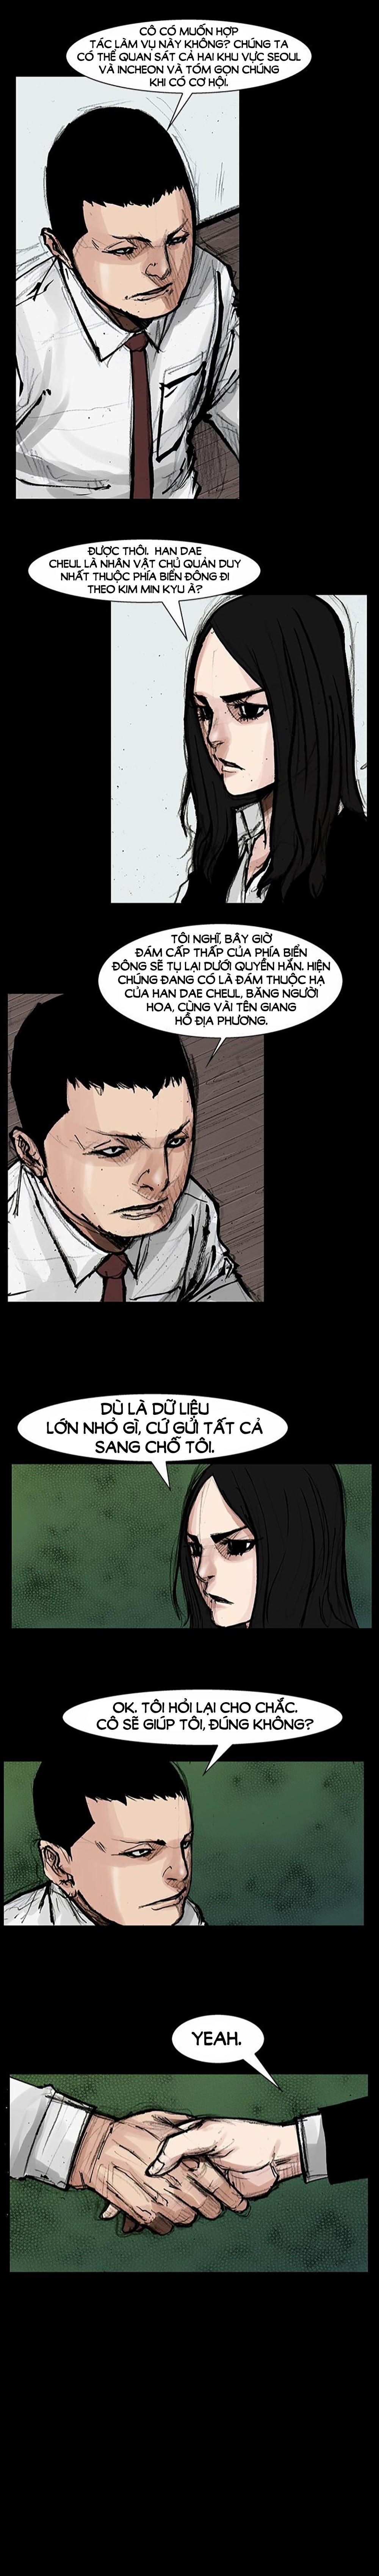 Máu Nhuốm Giang Hồ | Blood Rain chap 32 - Trang 8